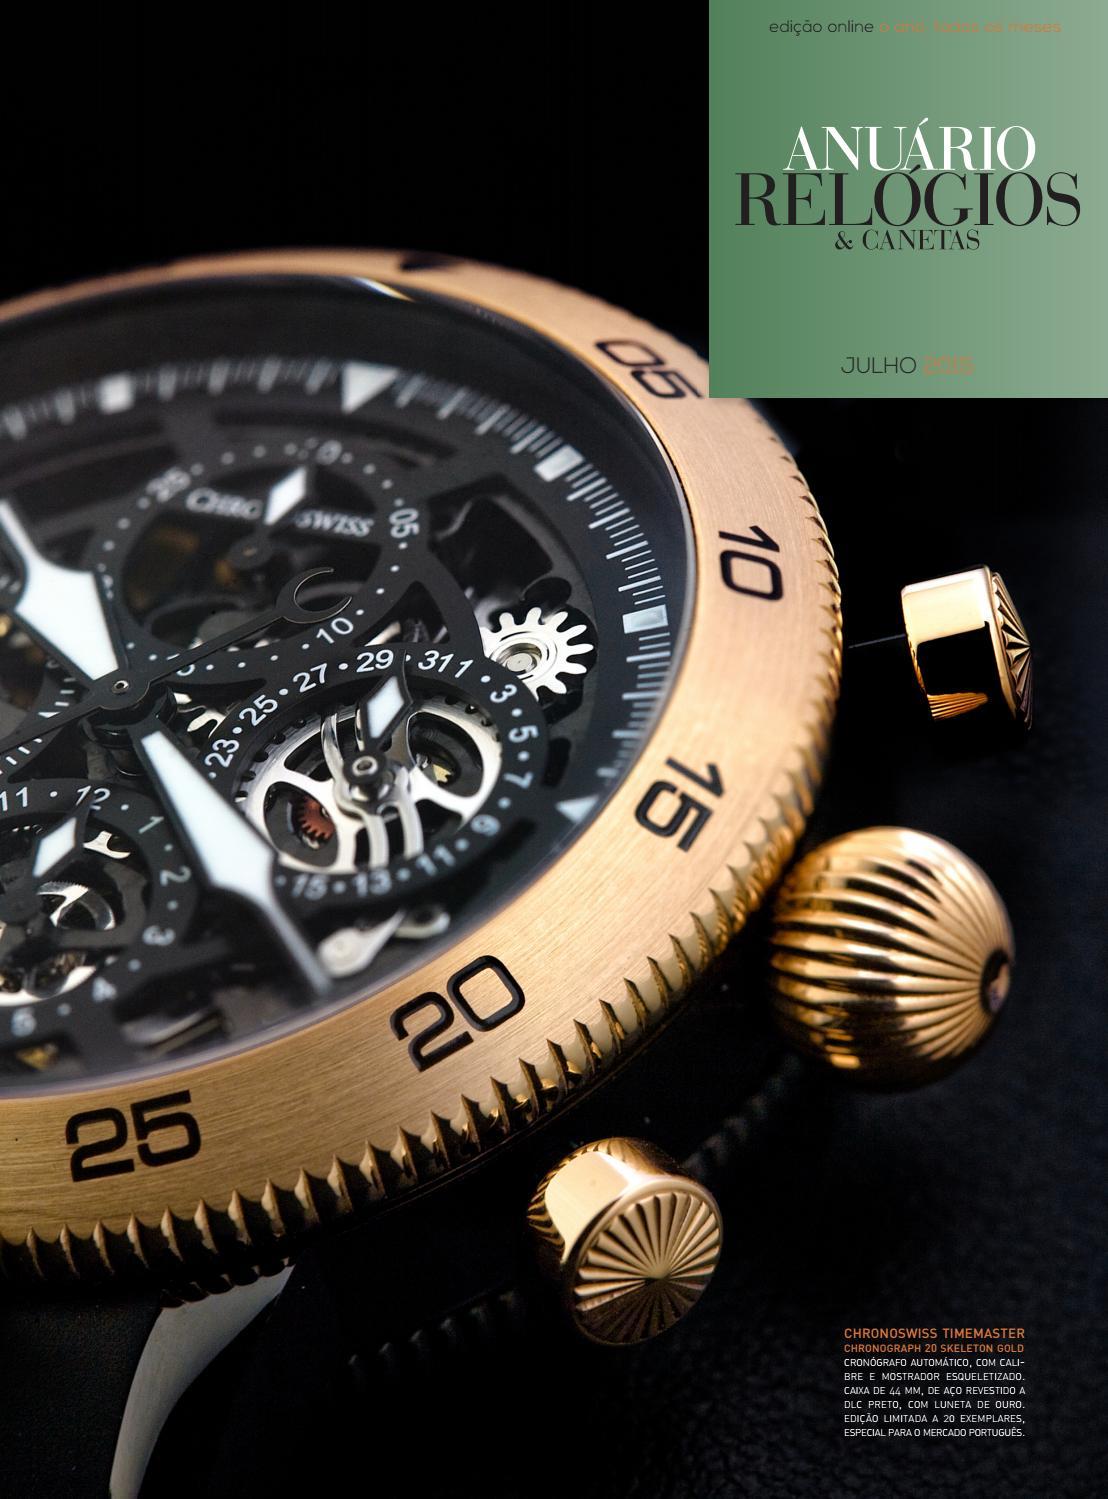 48b4cd3f86d Anuário Relógios   Canetas - Julho 2015 by Anuário Relógios   Canetas -  issuu